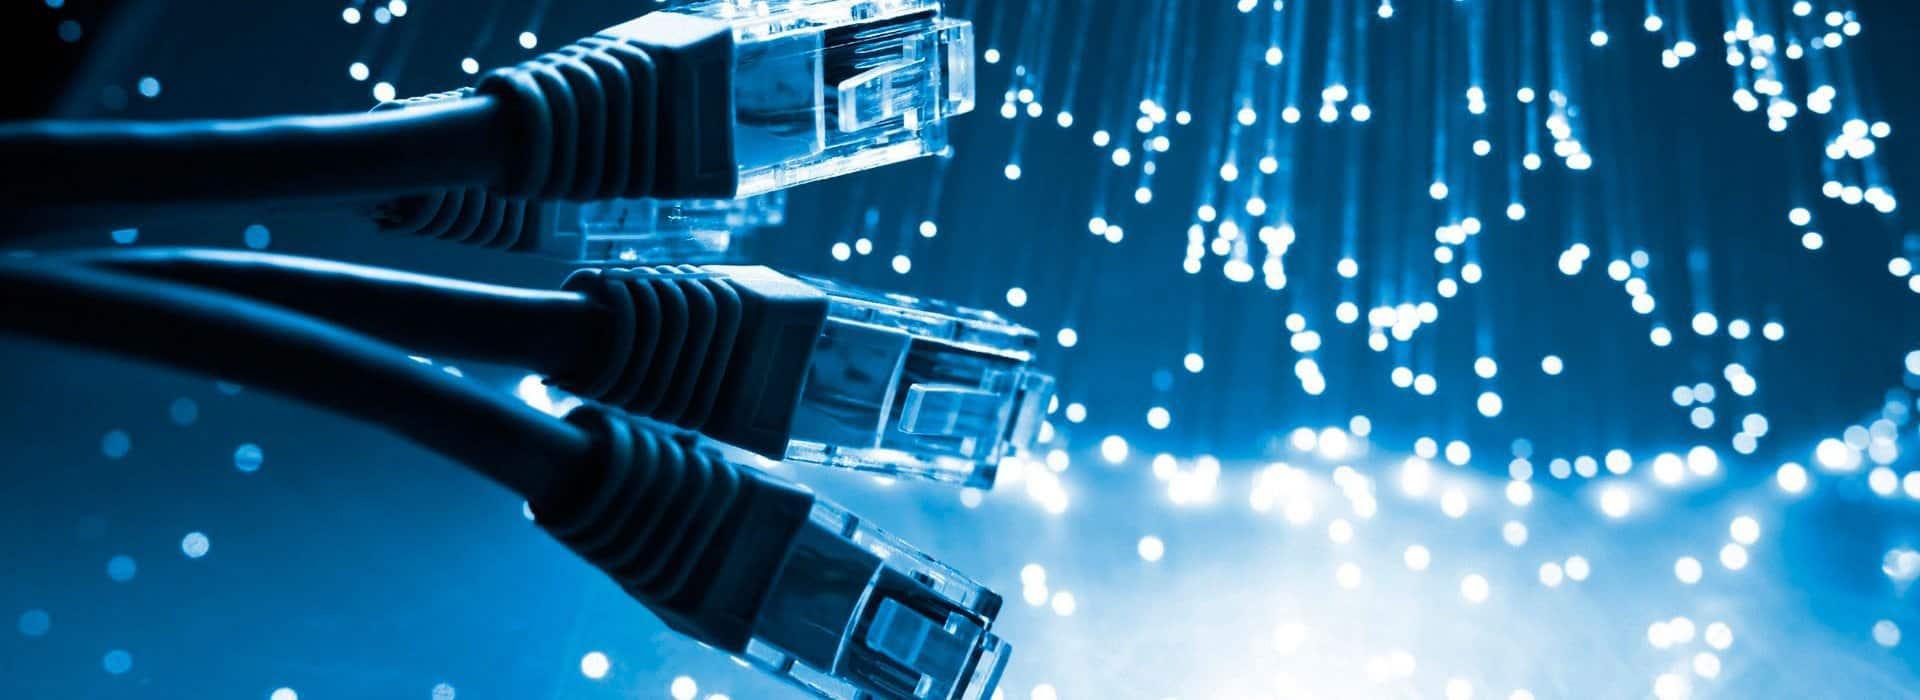 پهنای باند سیار چیست و آنچه که باید بدانید